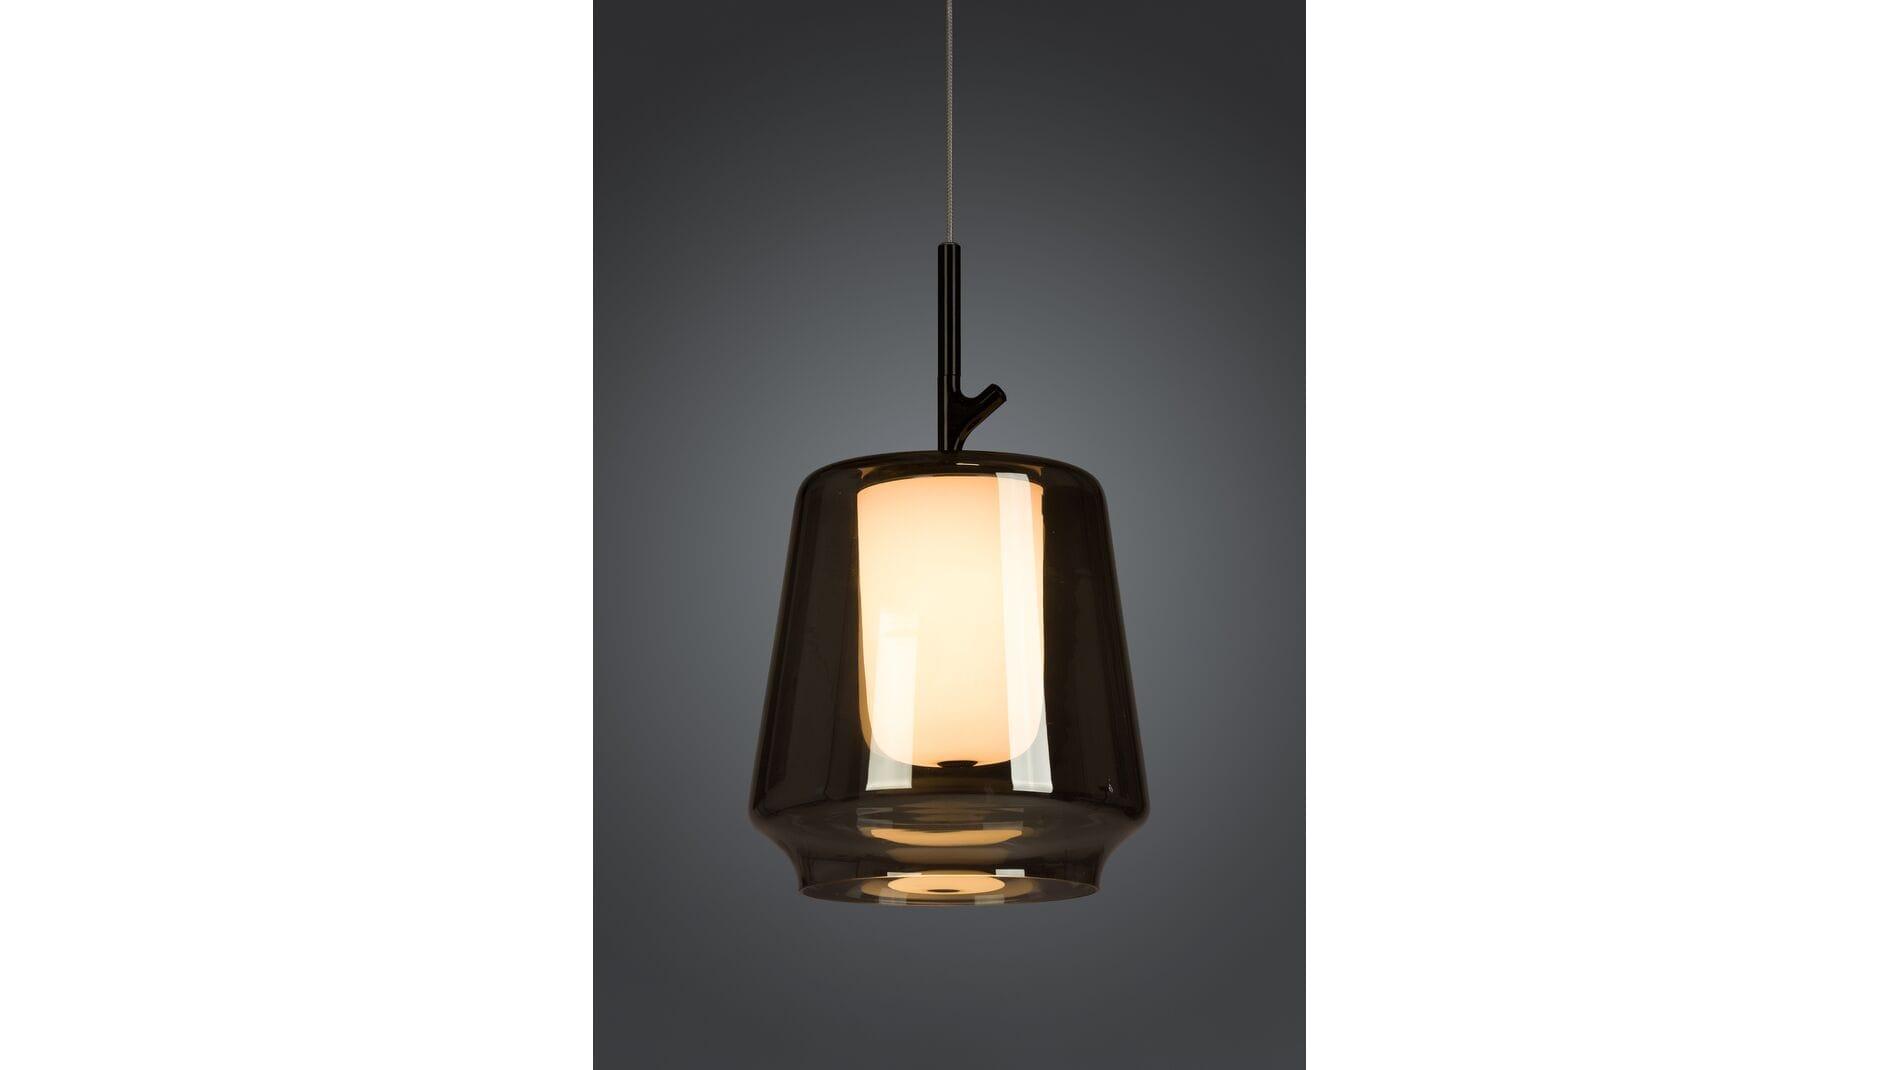 Подвесной светильник Melt диаметр 24,5